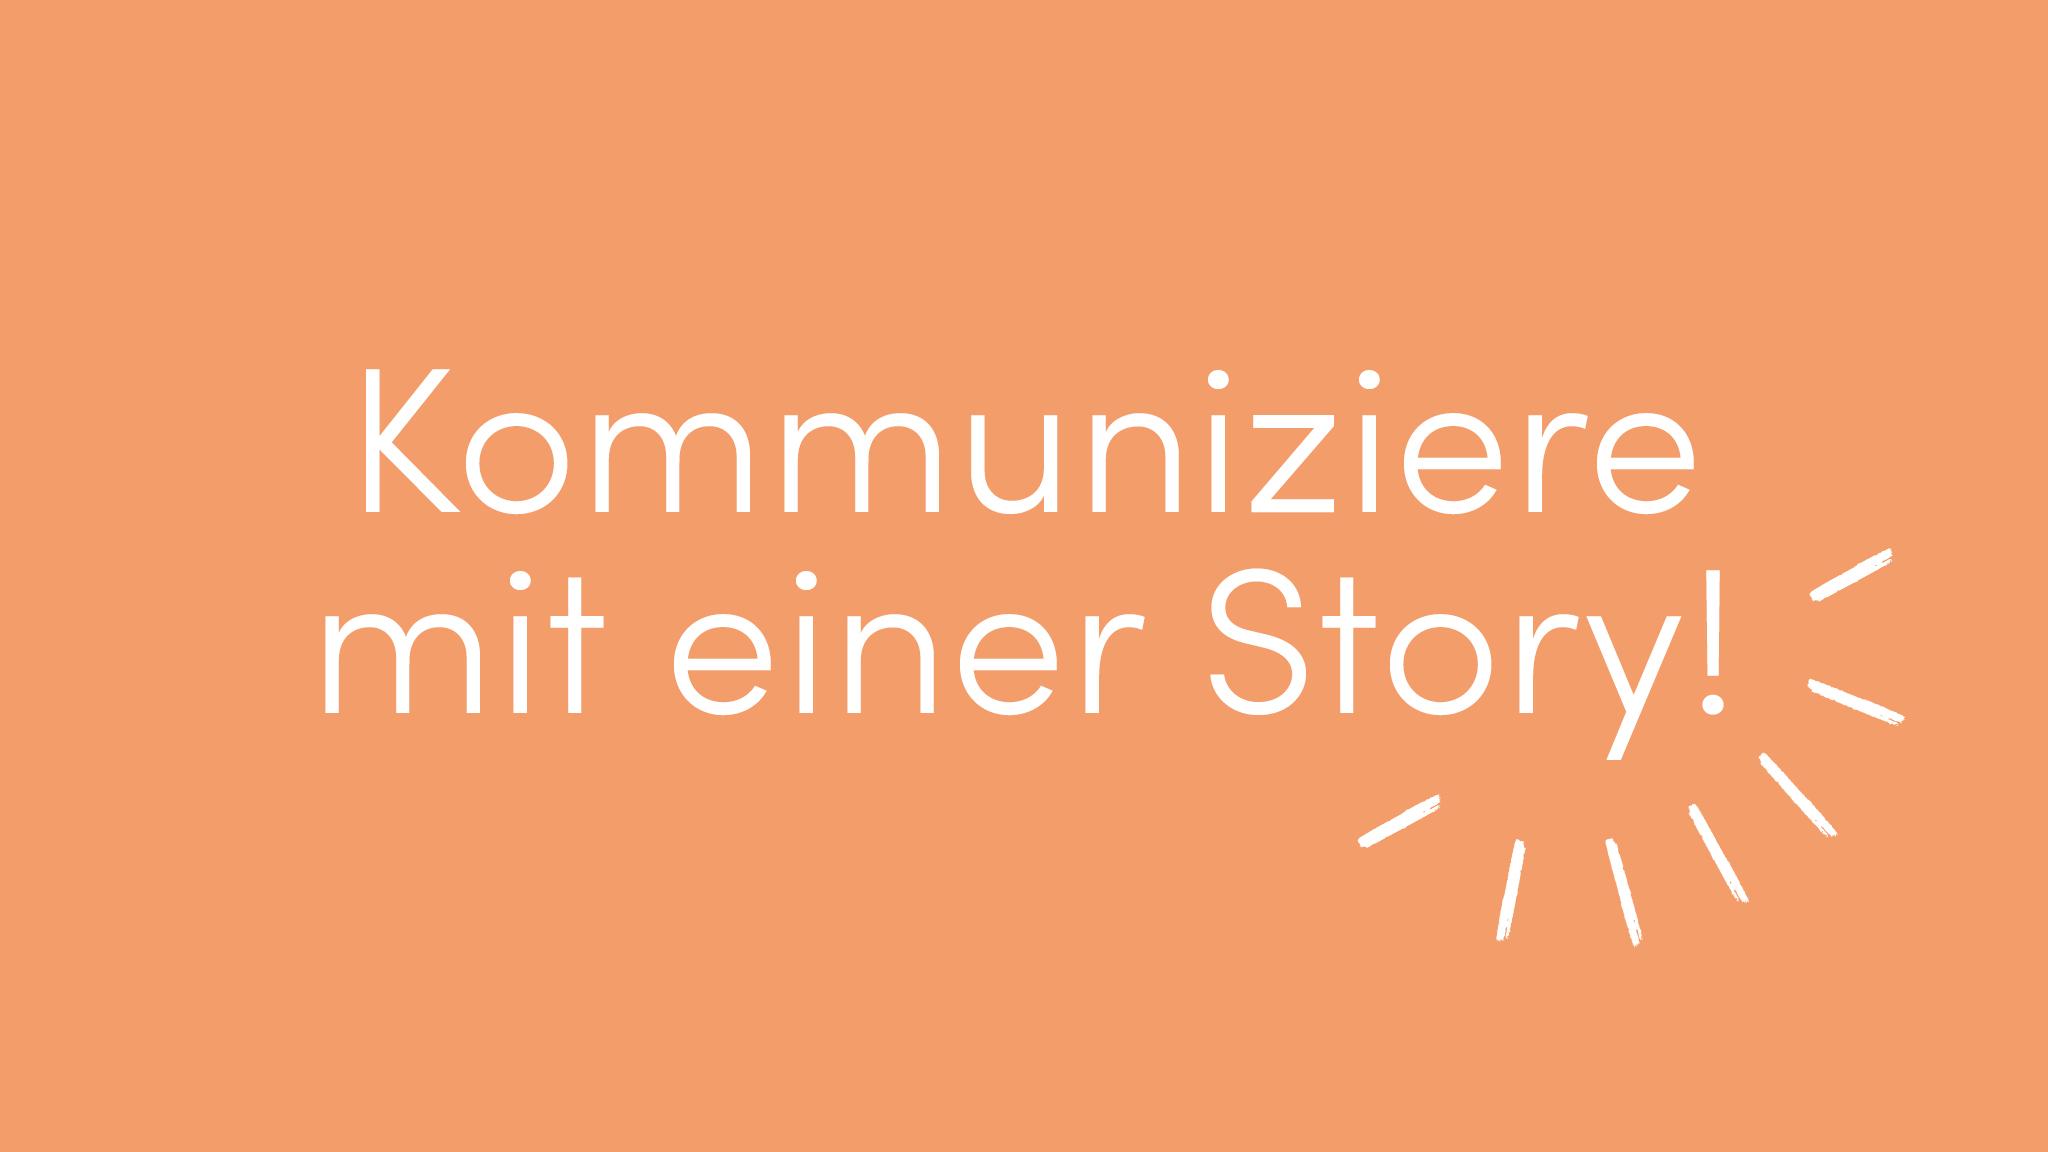 Workshop kommuniziere mit einer Story